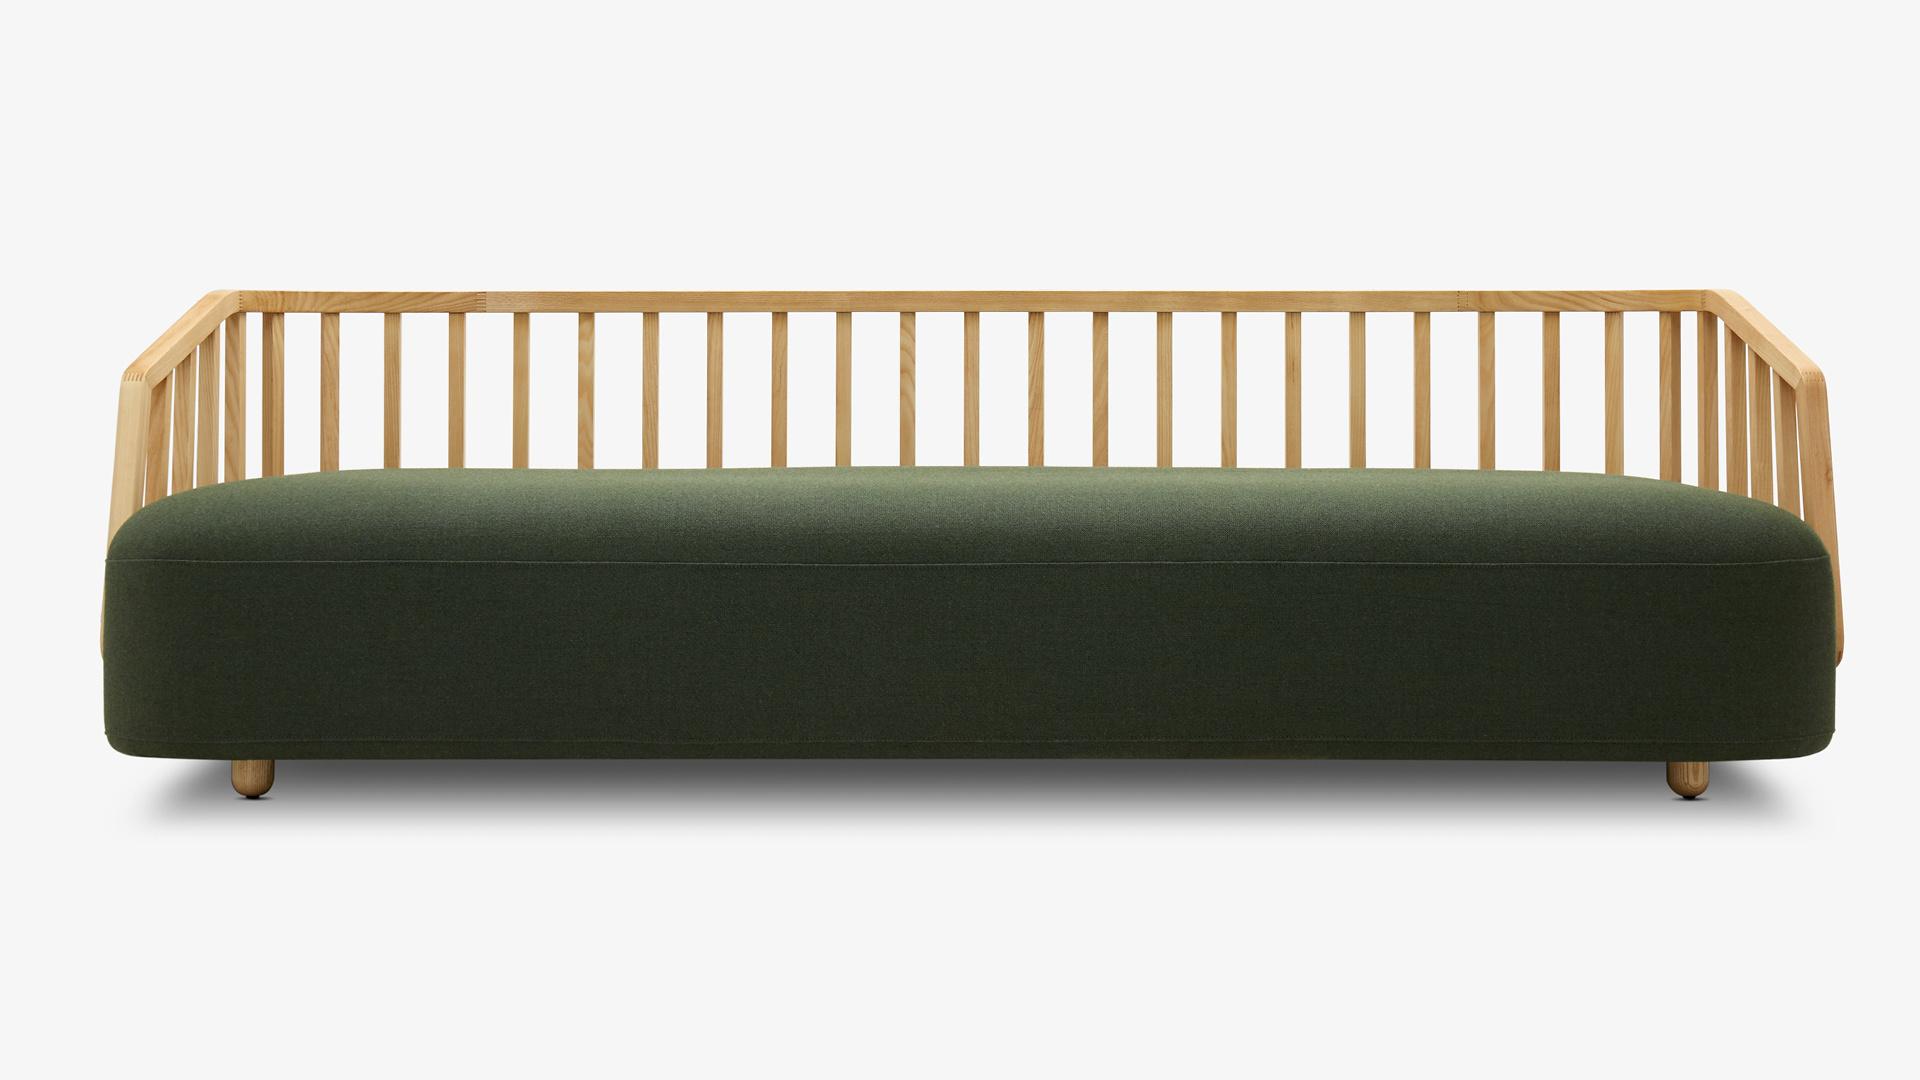 2.5米超级坐宽,高弹海绵垫舒享软弹